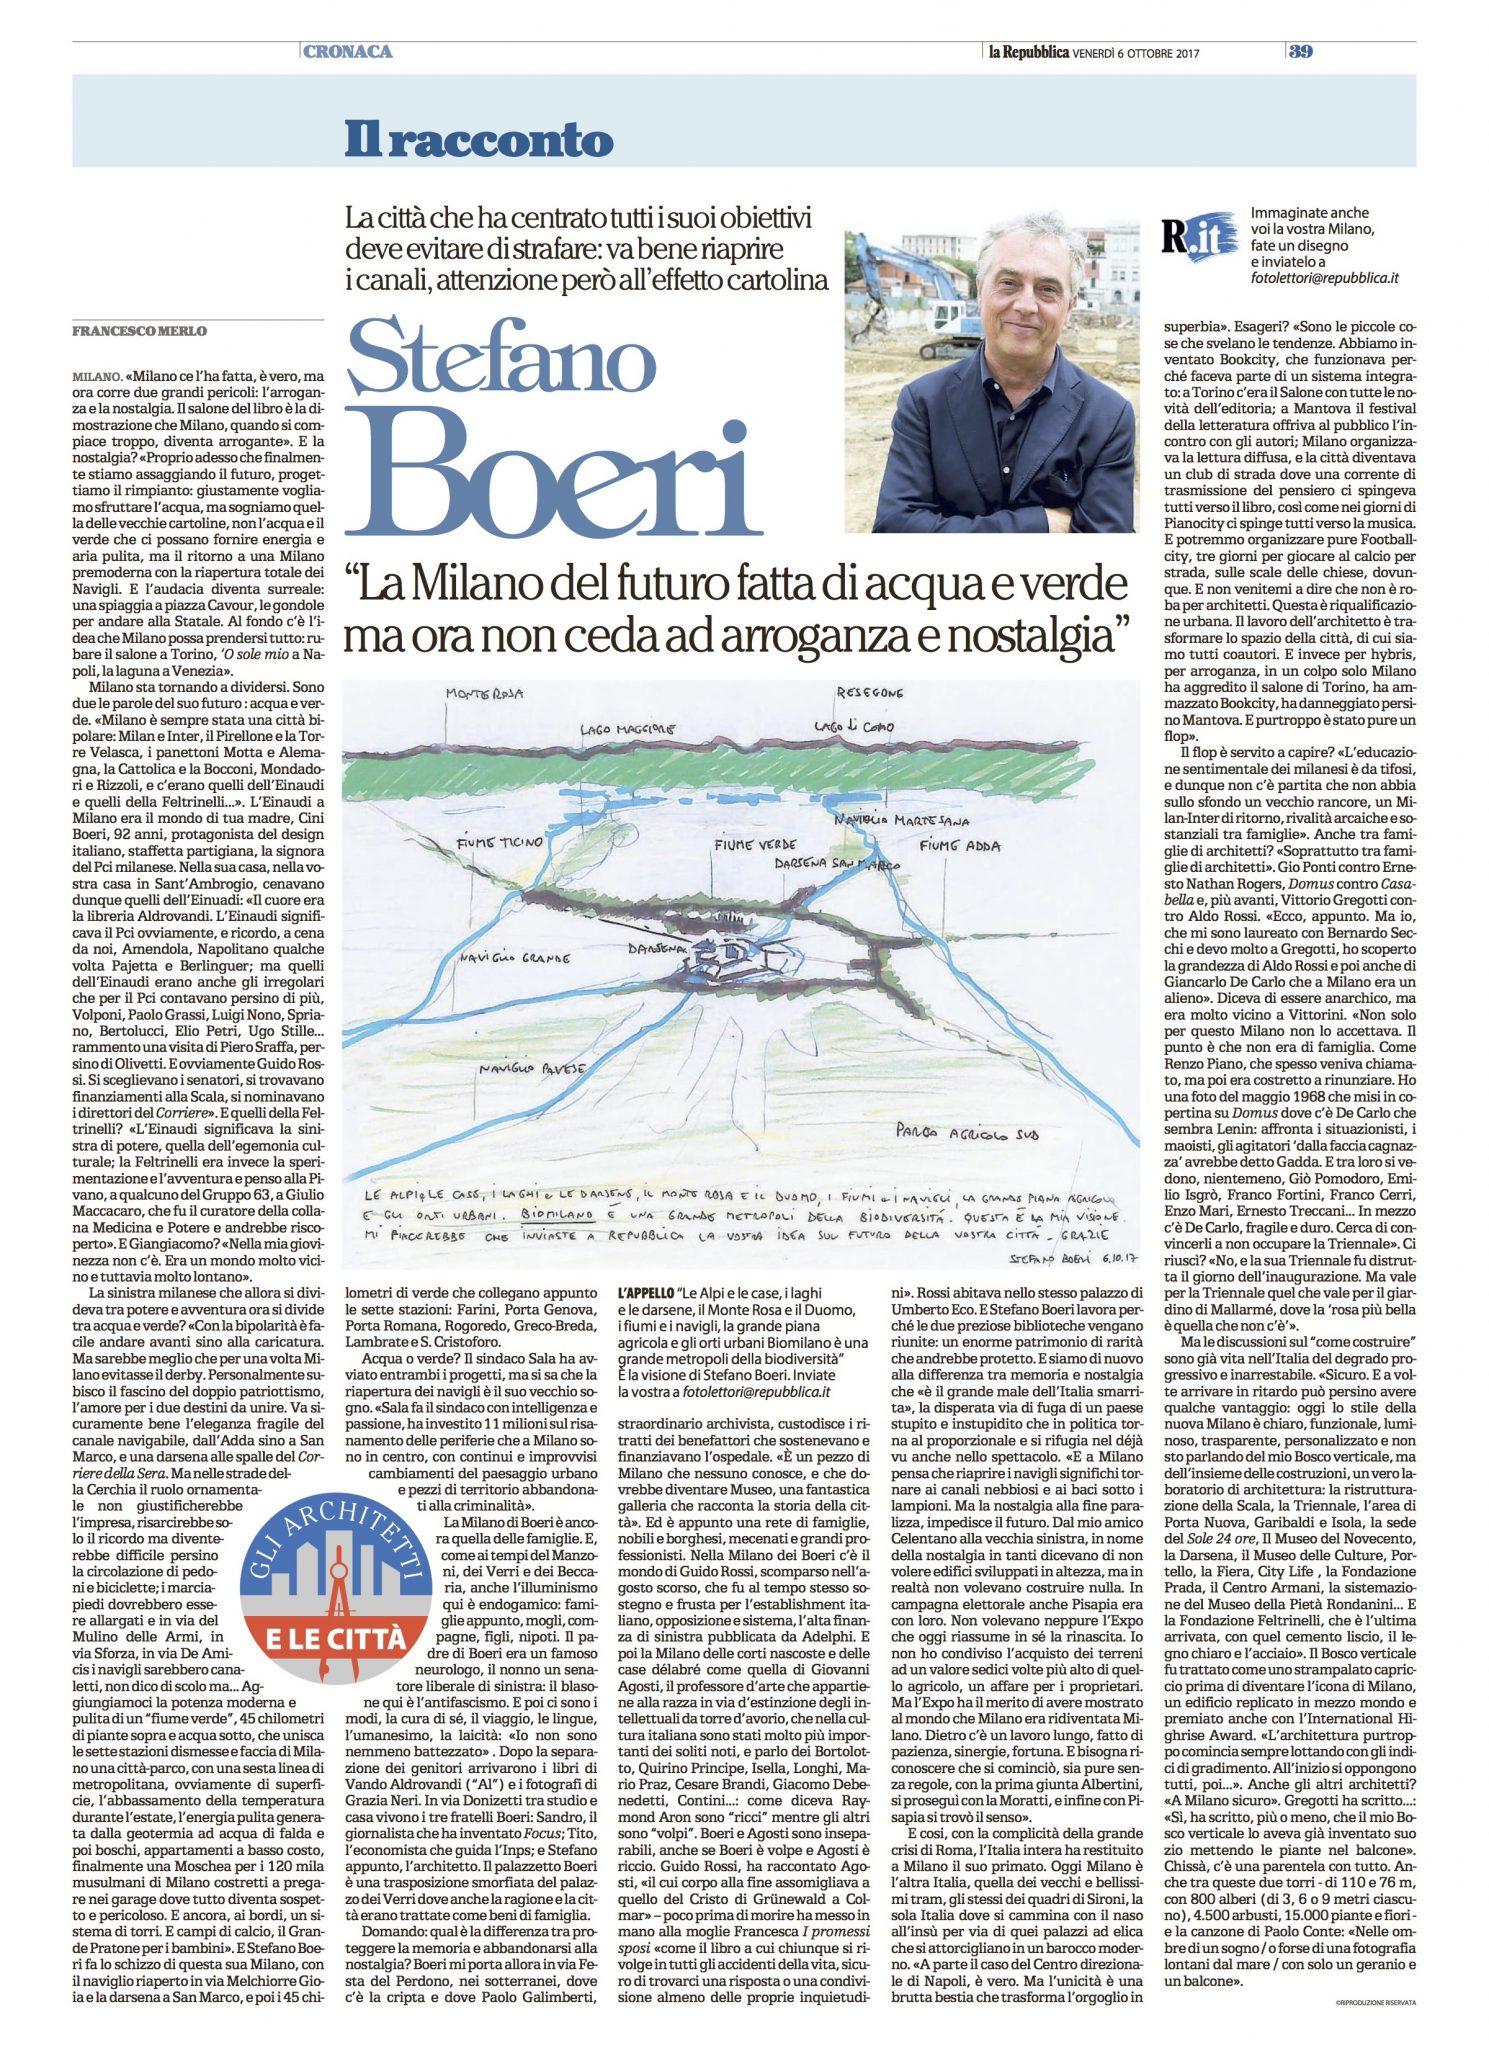 La repubblica stefano boeri stefano boeri architetti for Home page repubblica